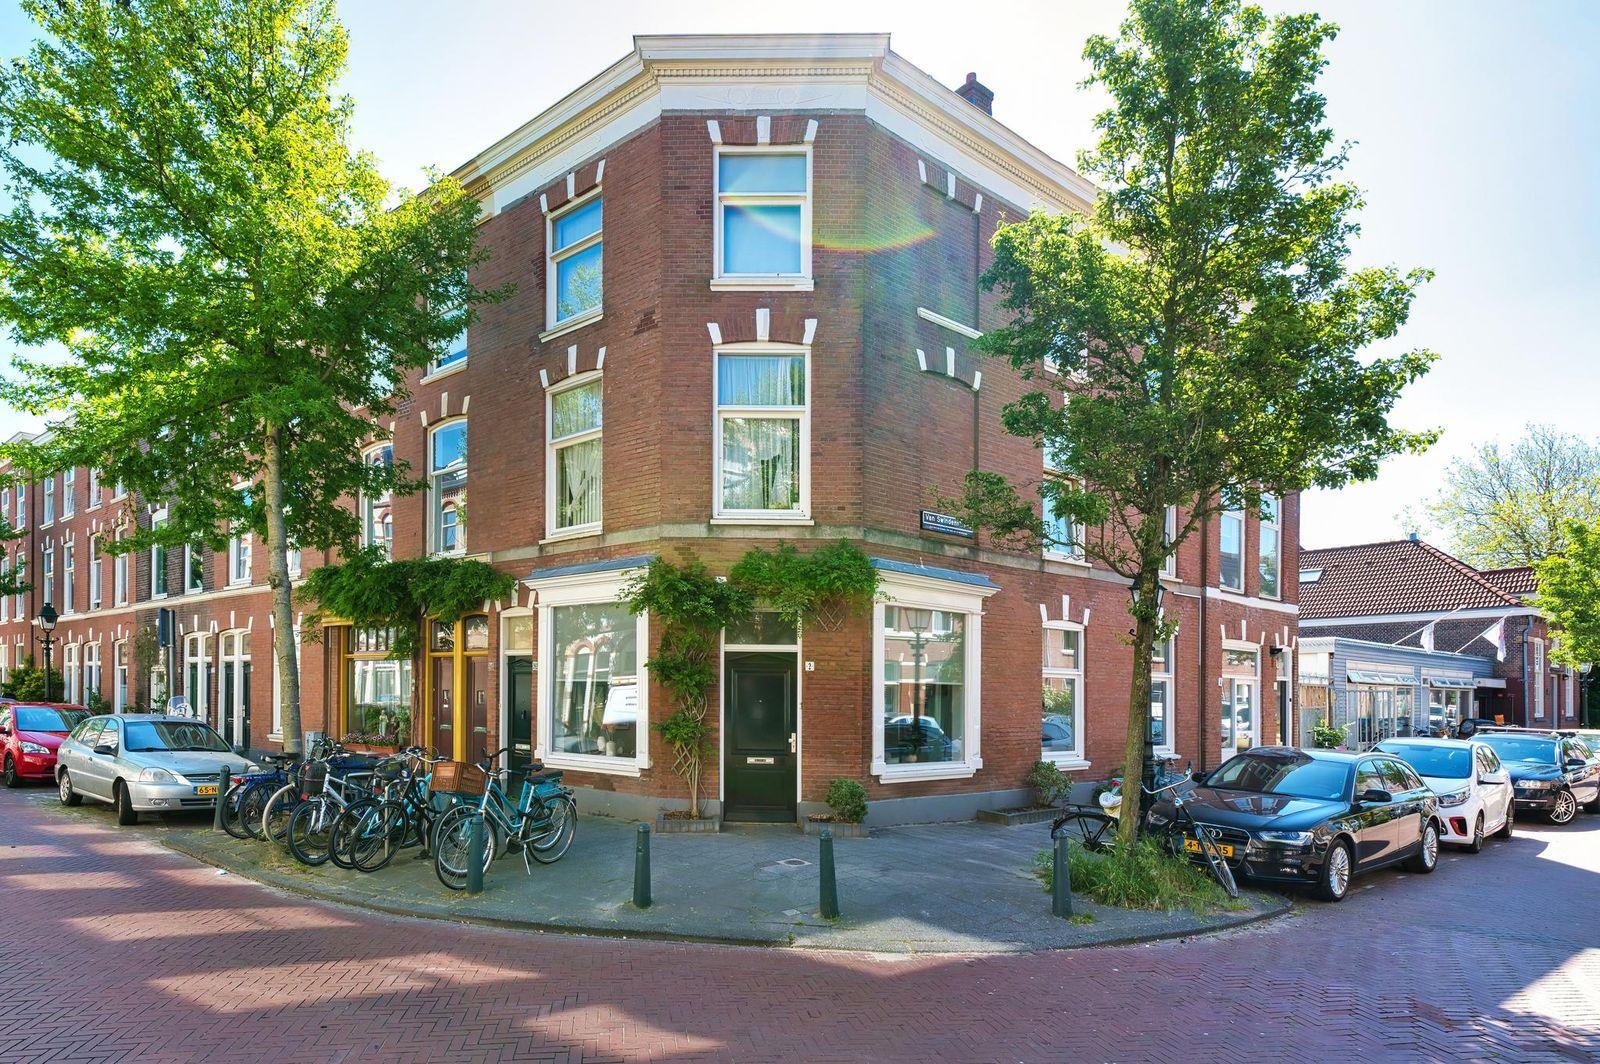 Van Swindenstraat 2, 's-gravenhage